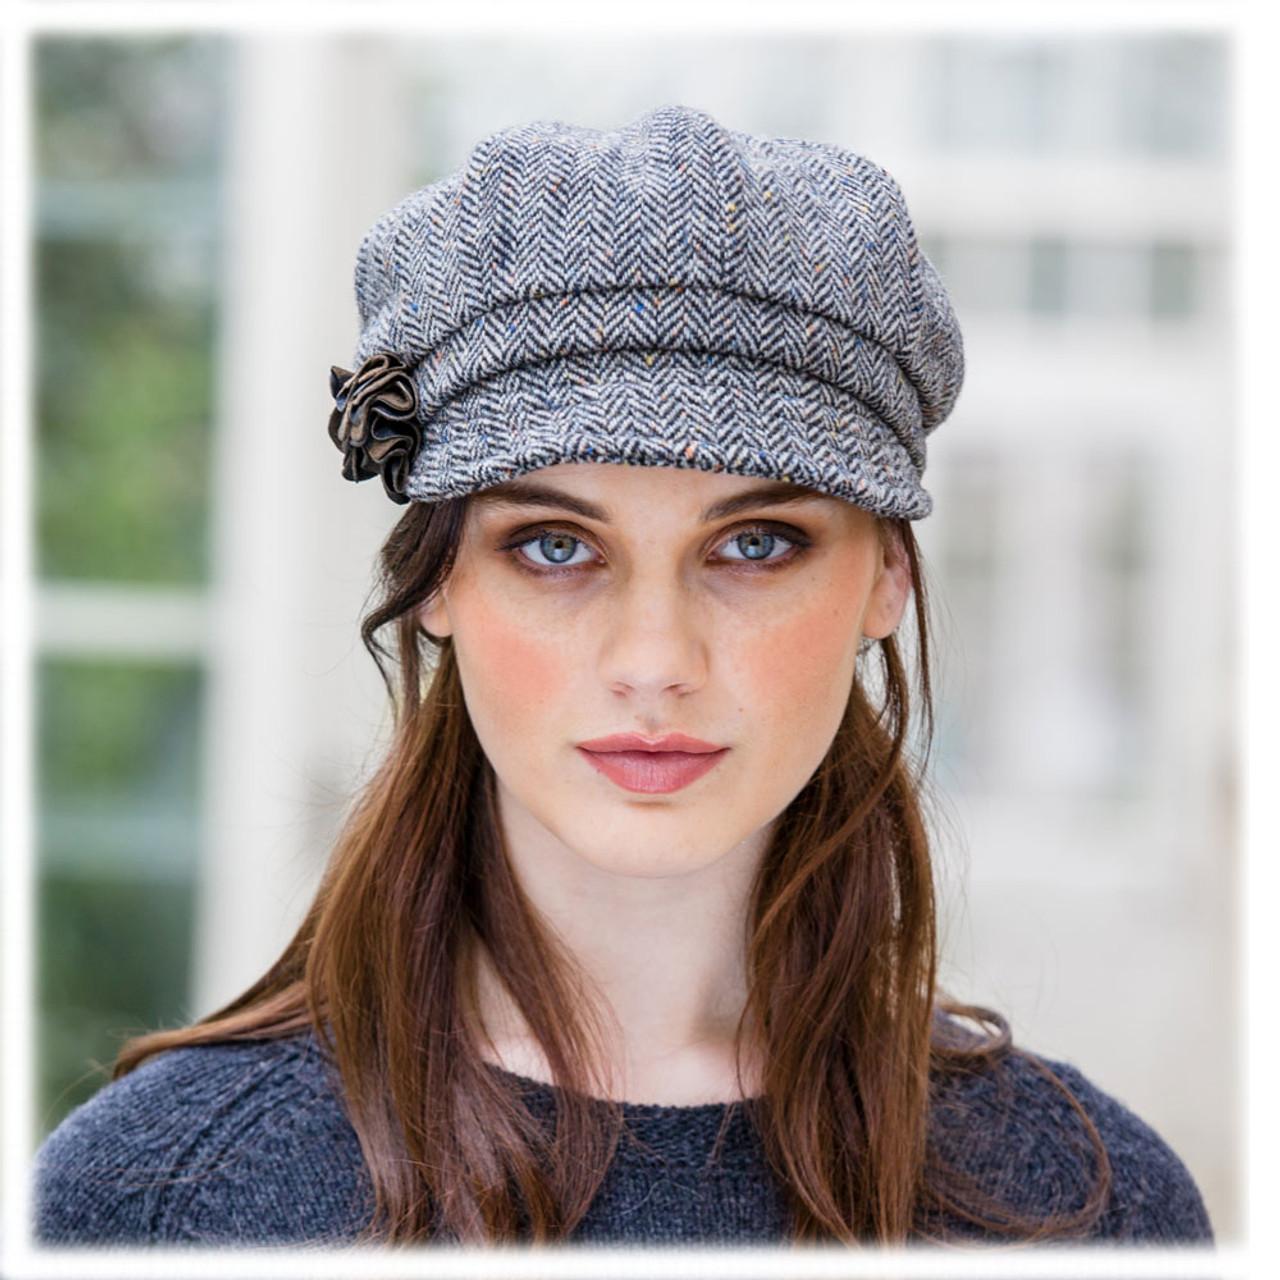 Irish-made Newsboy Cap for Women